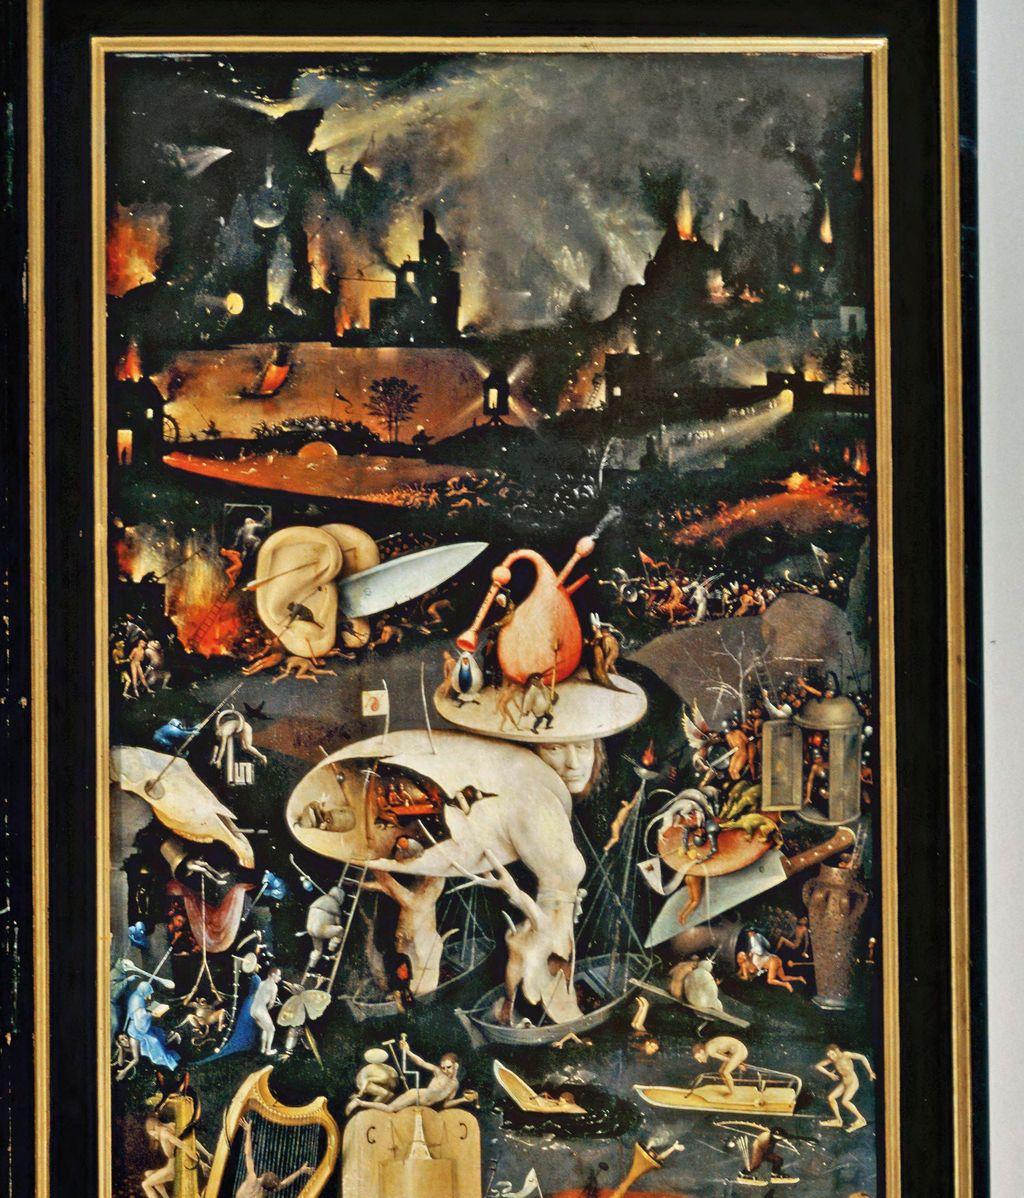 Los cuadros que Iker Jimenez analizará en su visita al Museo del Prado